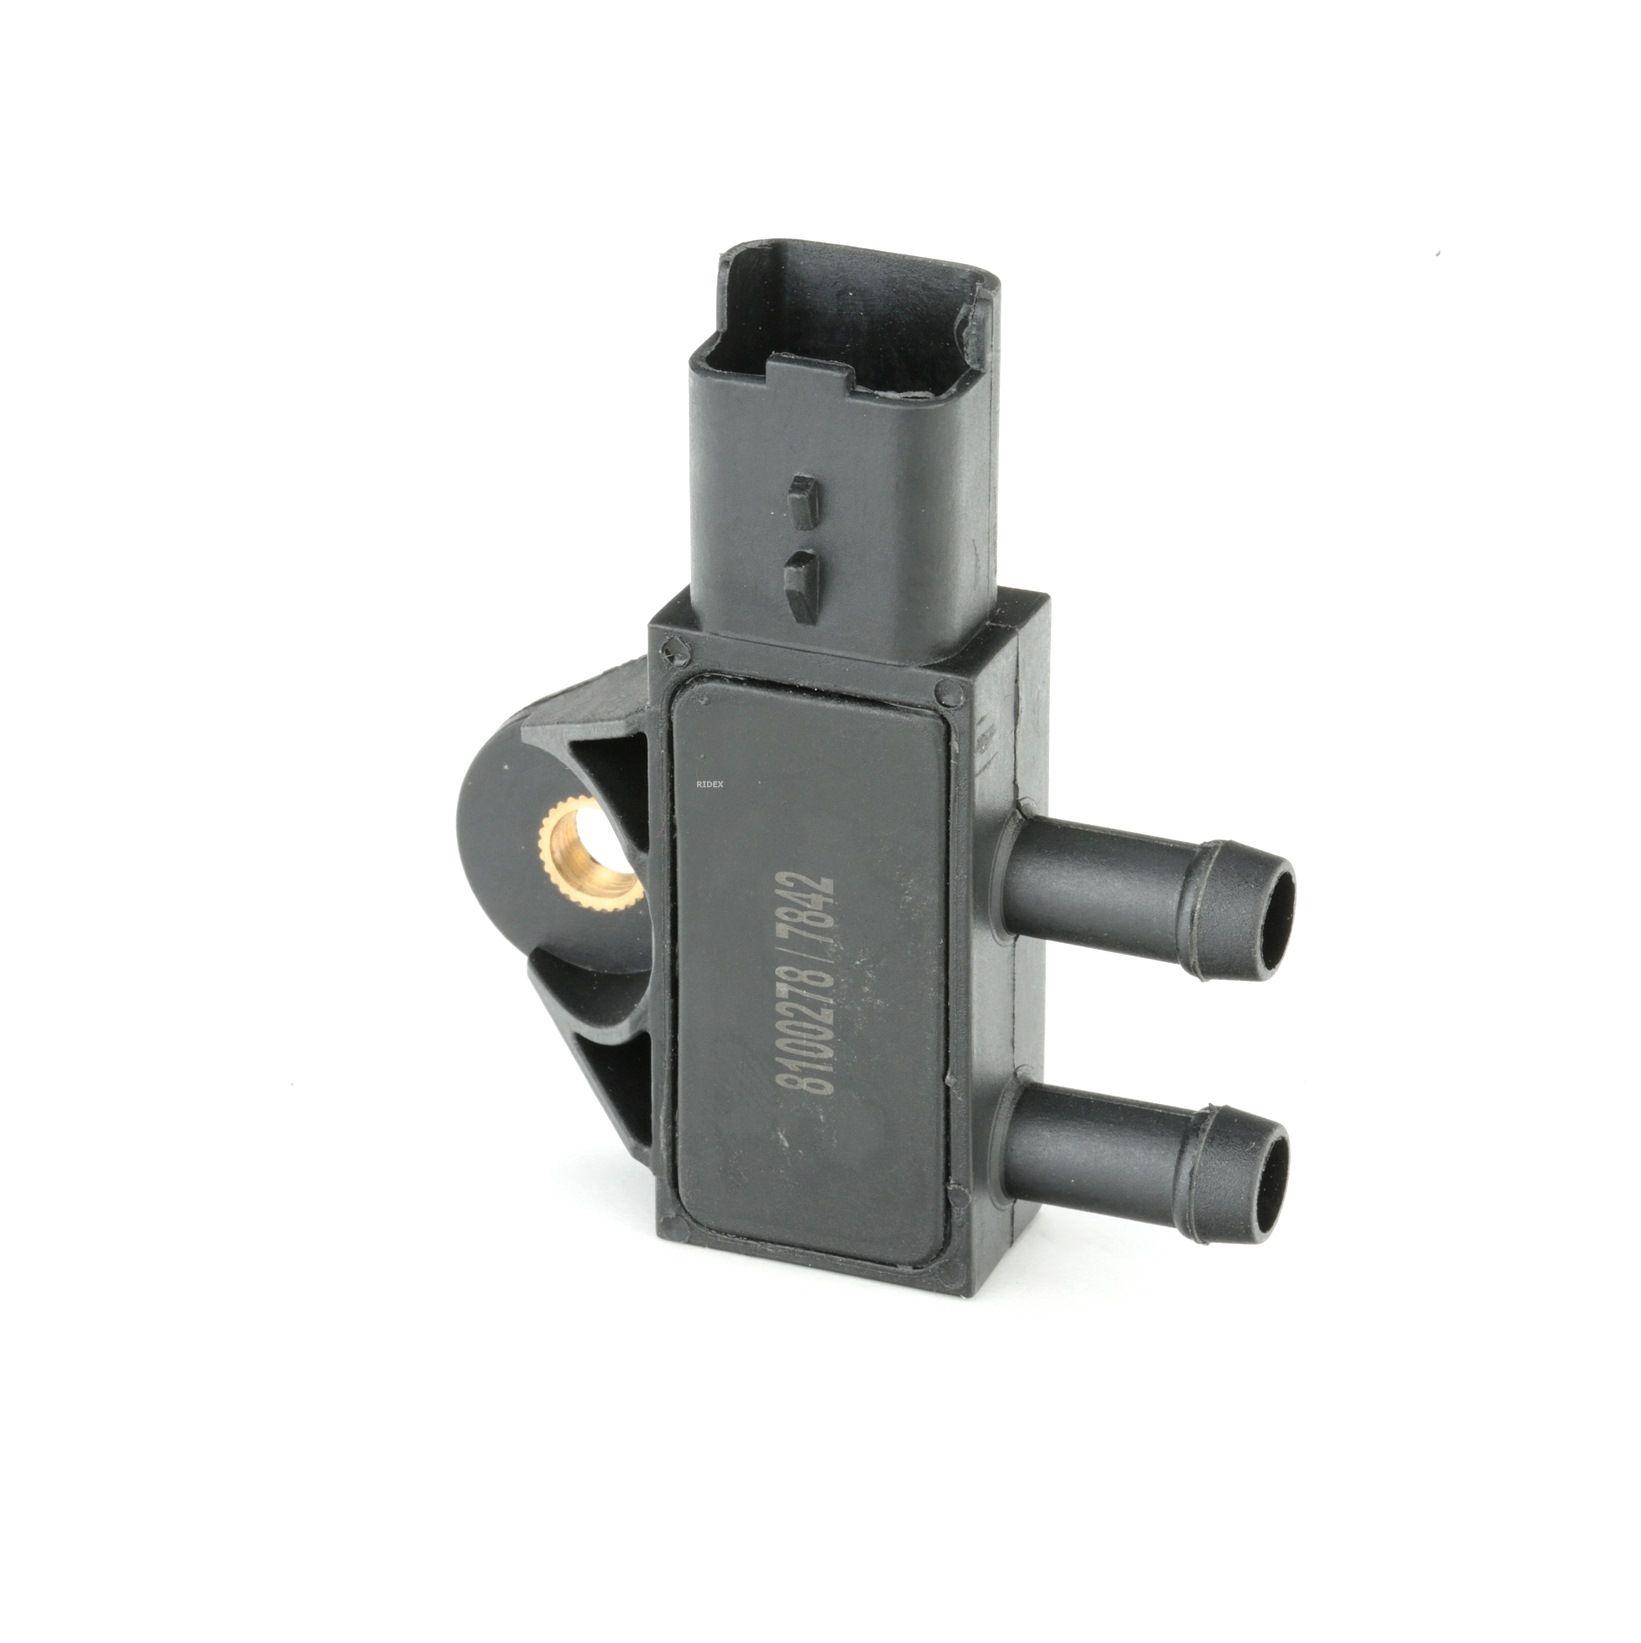 Abgasdrucksensor 4272S0013 rund um die Uhr online kaufen